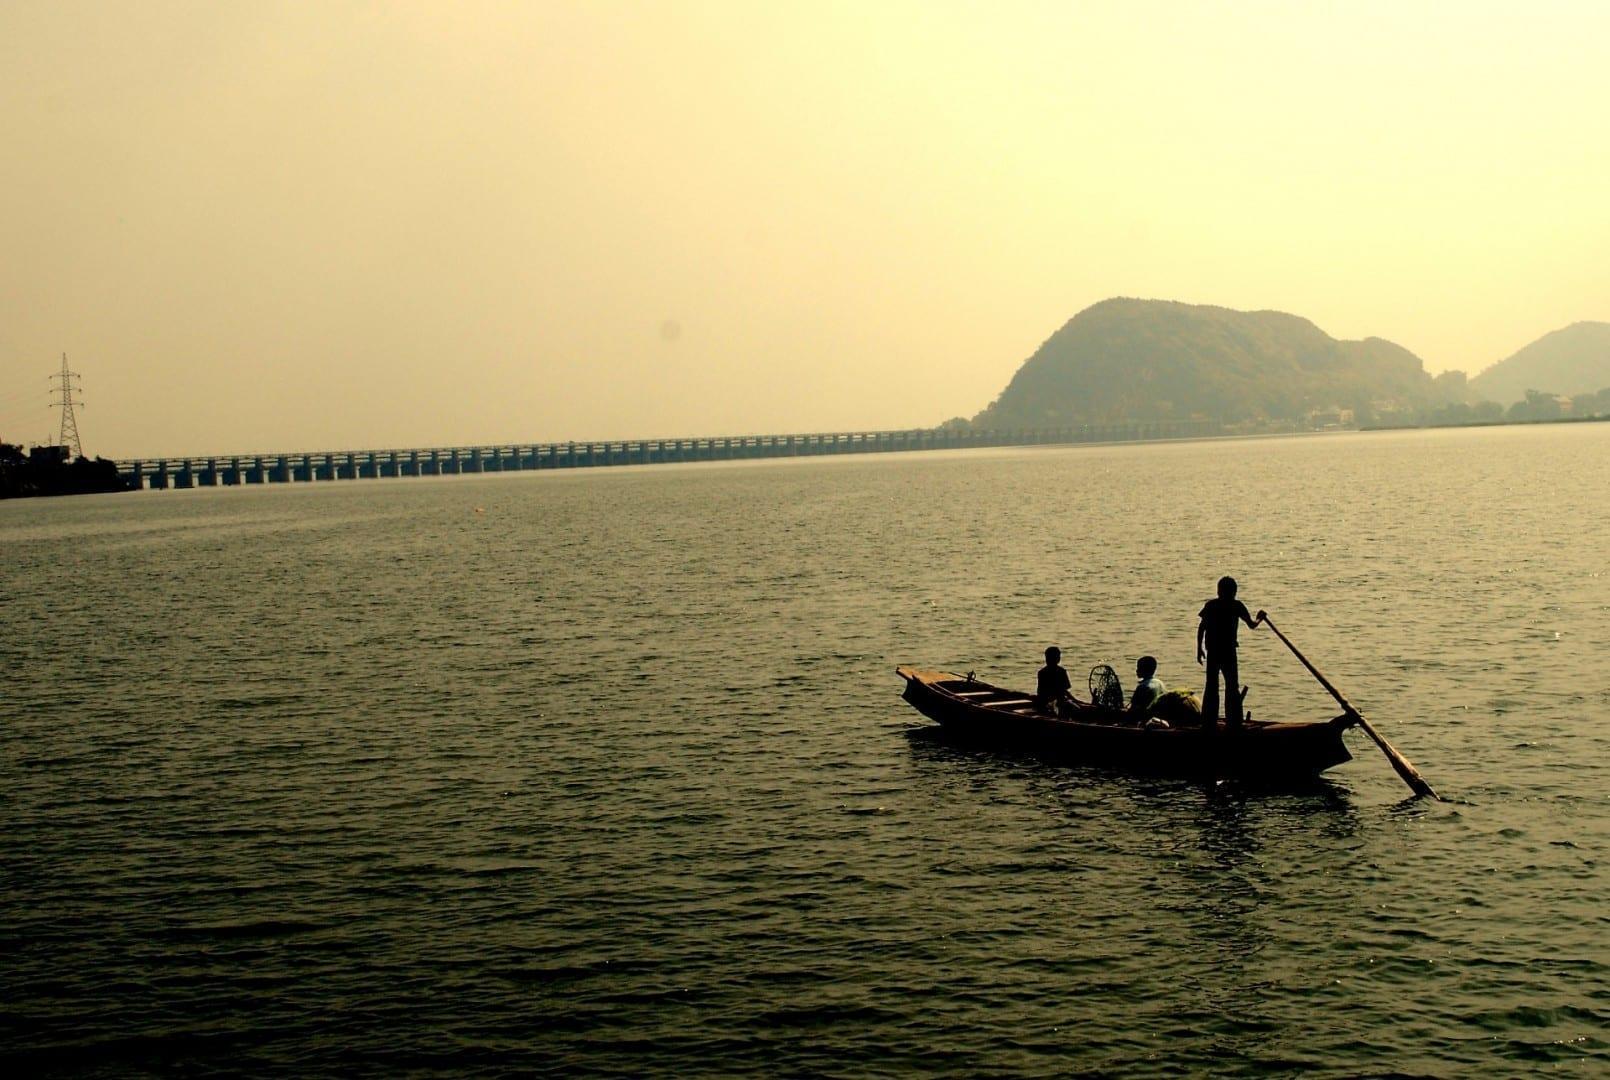 El río Krishna cerca de la presa de Vijayawada Prakasam Vijayawada India